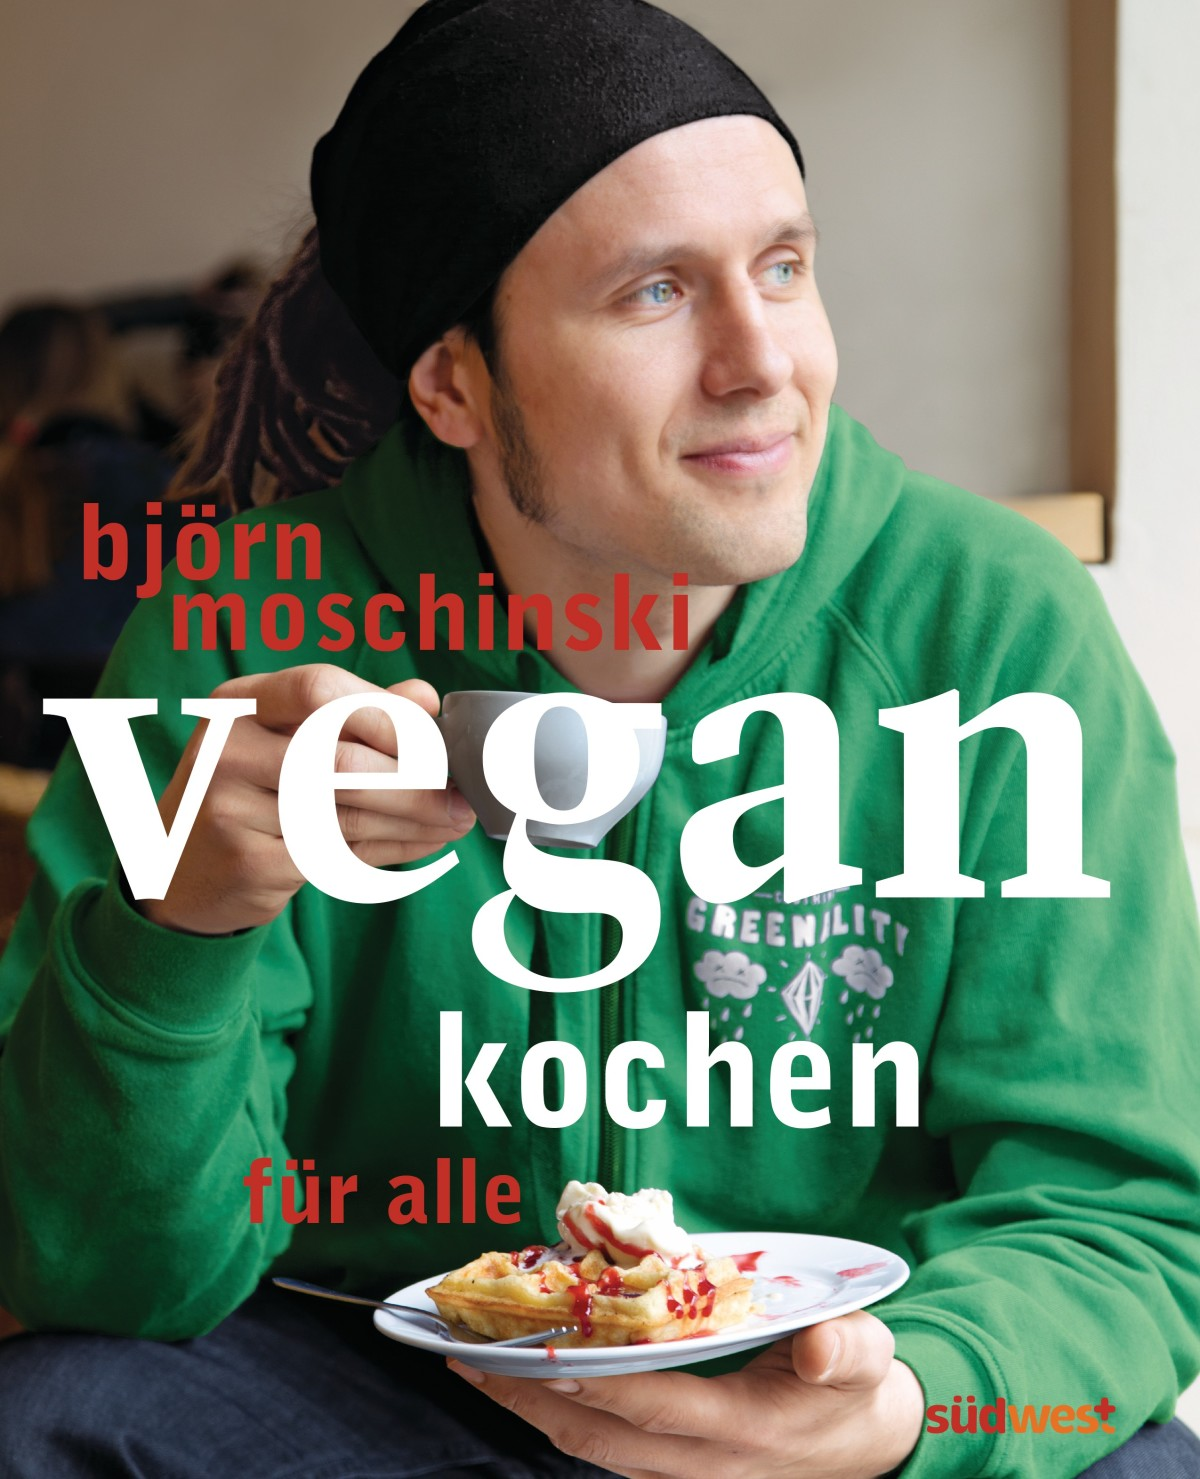 """Rezension Kochbuch """"vegan kochen für alle"""" von Björn Moschinski mit Rezept"""